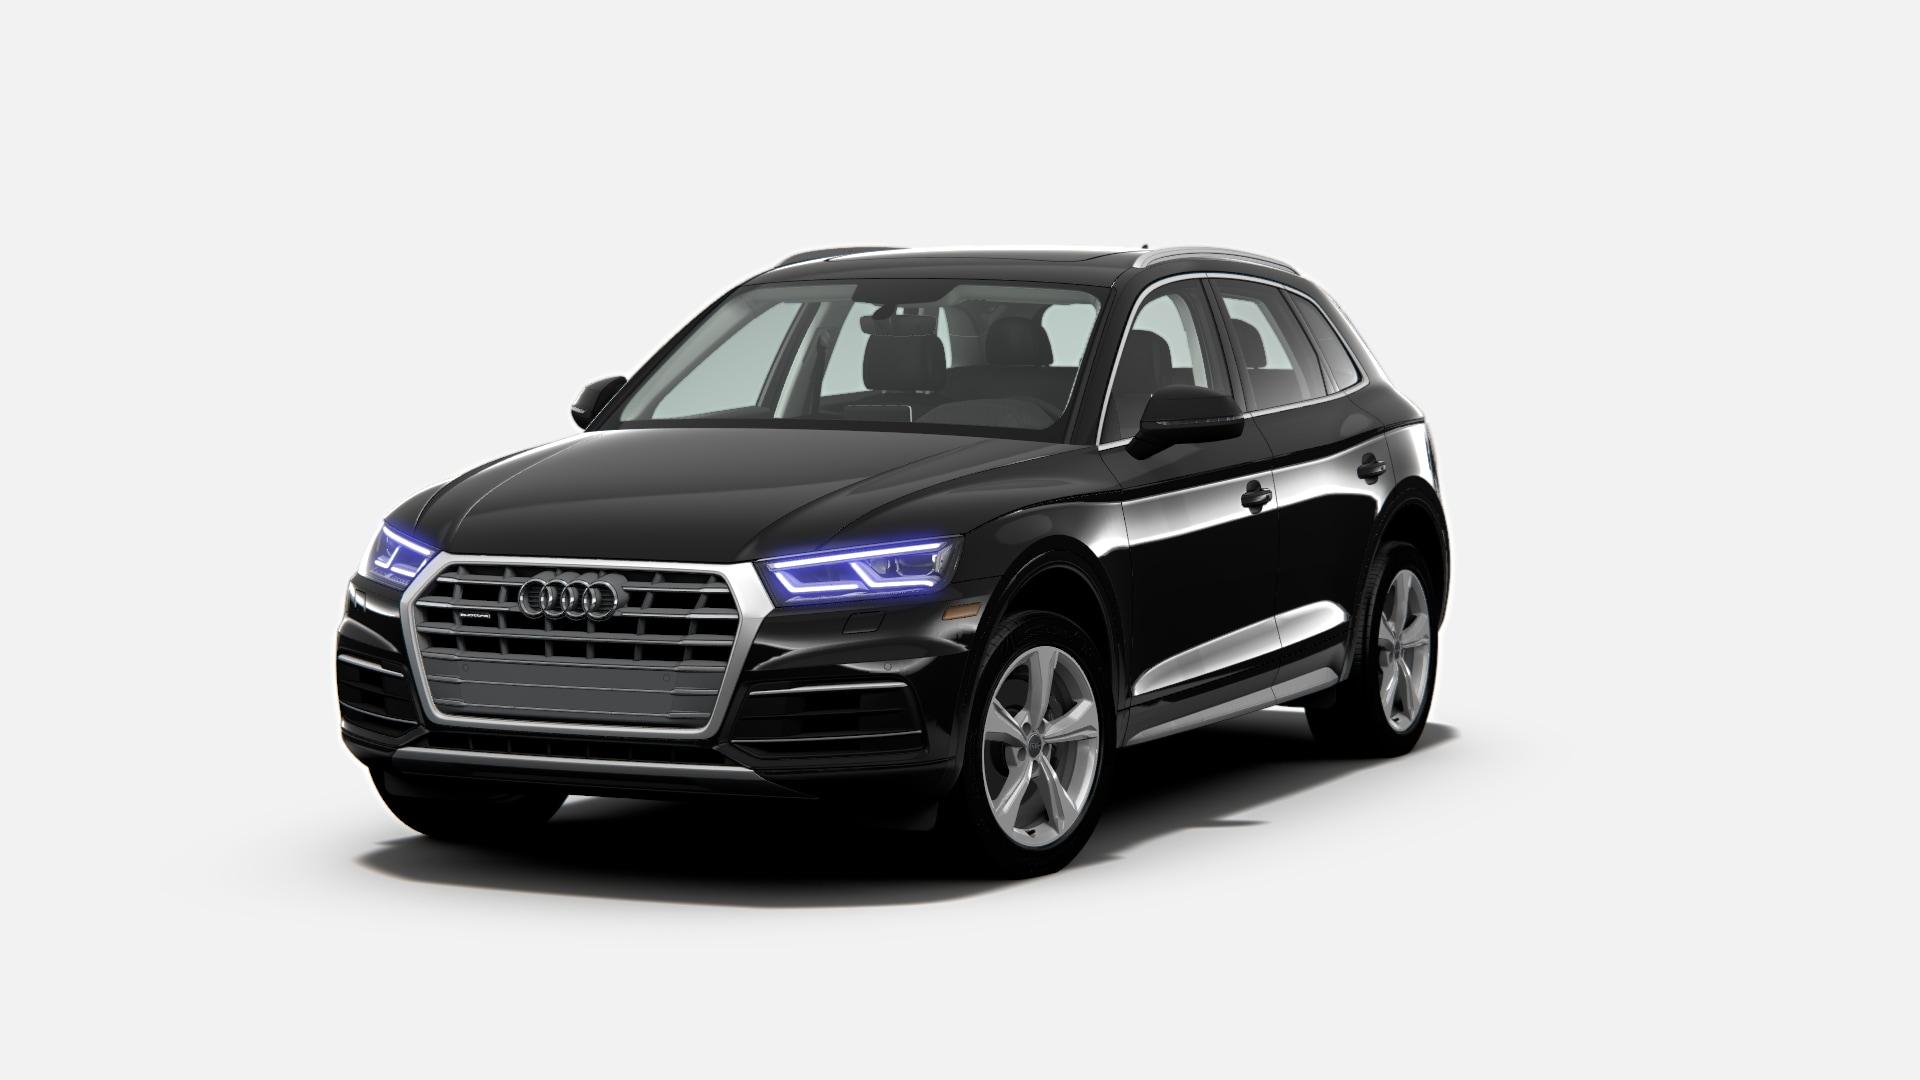 Audi Premium Plus Vs Prestige >> 2020 Audi Q5 Trim Levels: Premium vs. Premium Plus vs ...